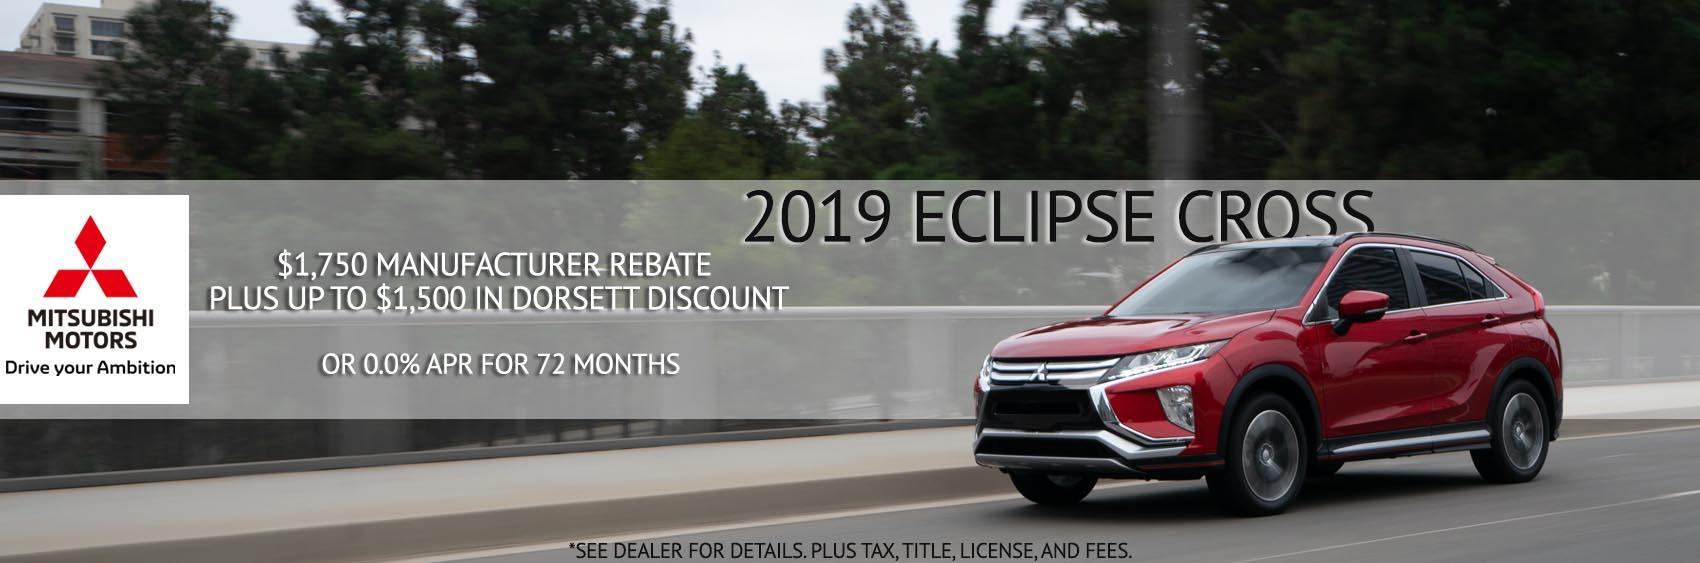 Sept 2019 Eclipse Cross